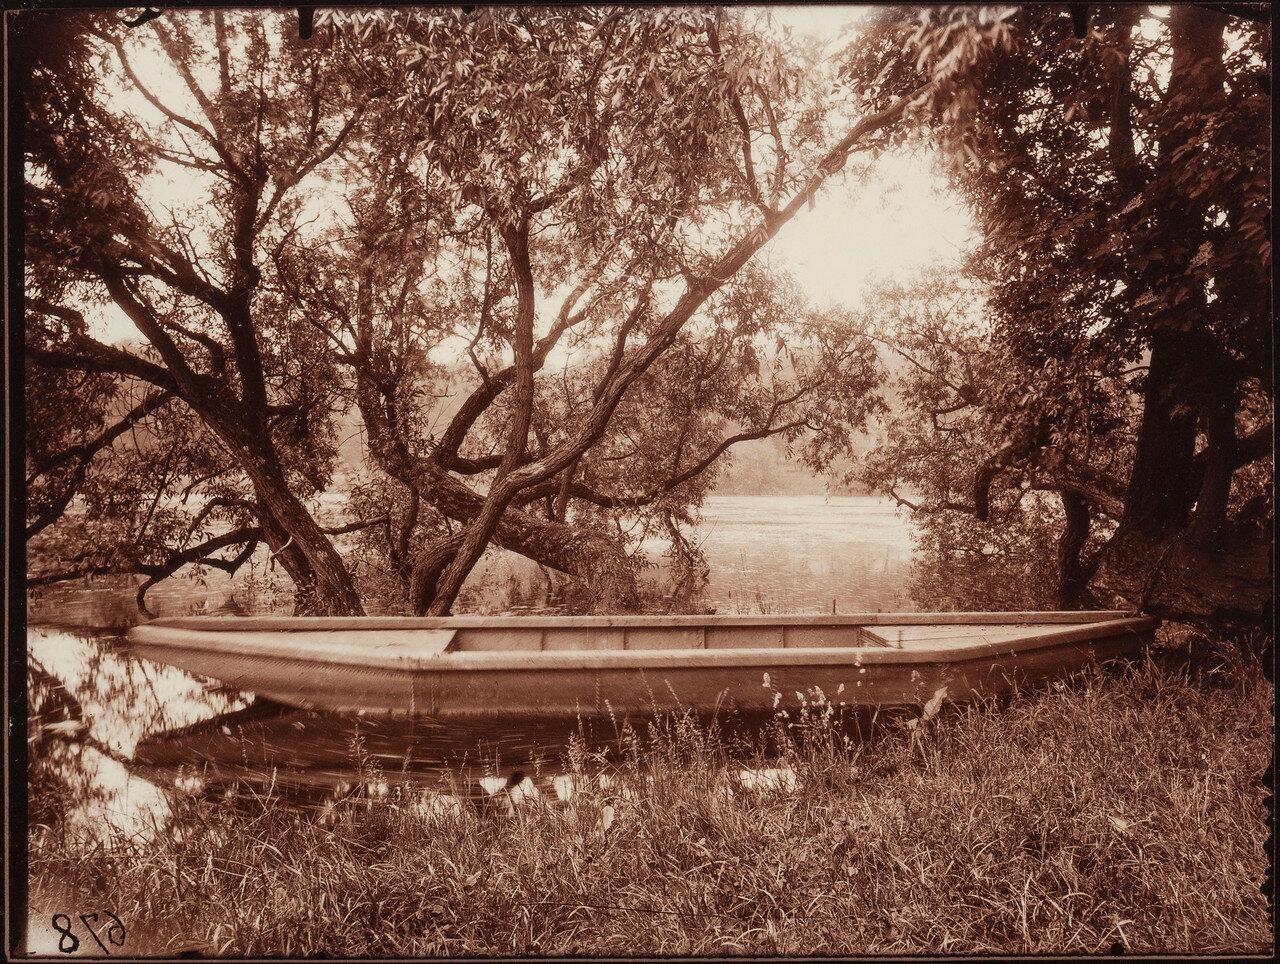 1909. Озеро Коро возле гостиницы Отель «Ле Этан де Коро»